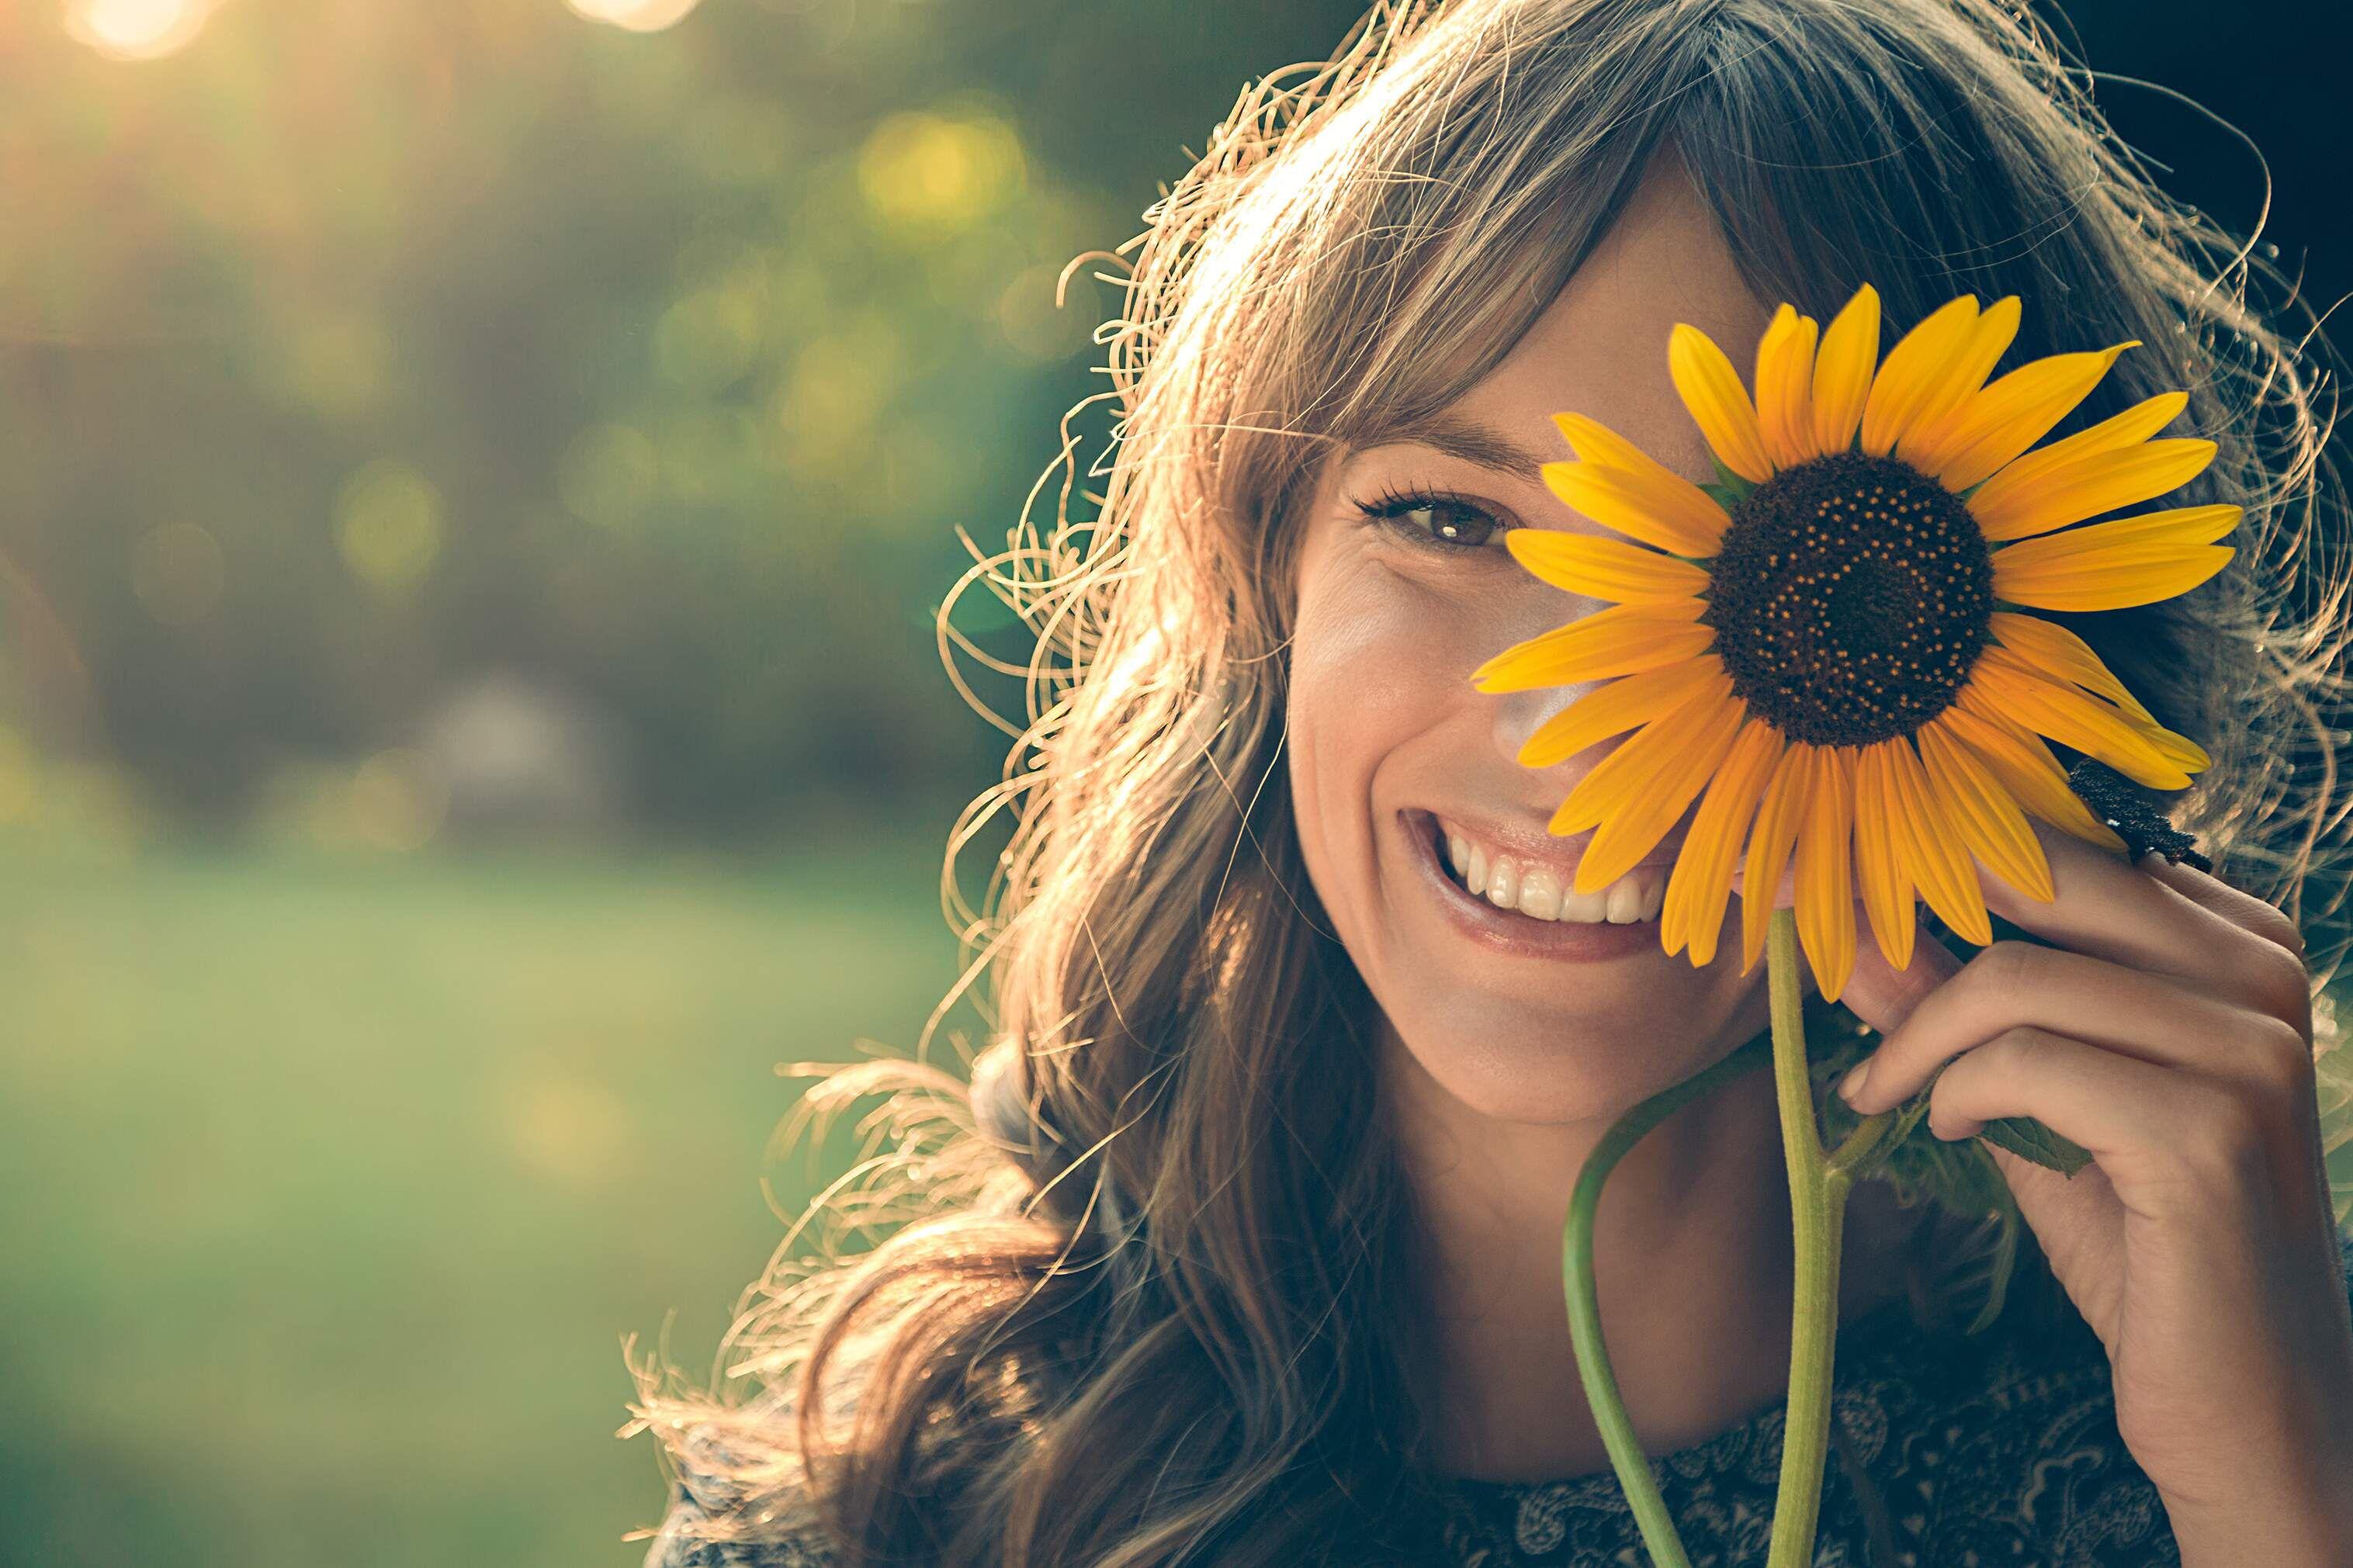 La cercanía de las relaciones familiares estimula los sentidos, generando oxitocina (la hormona de la felicidad) que nos une a los seres humanos.